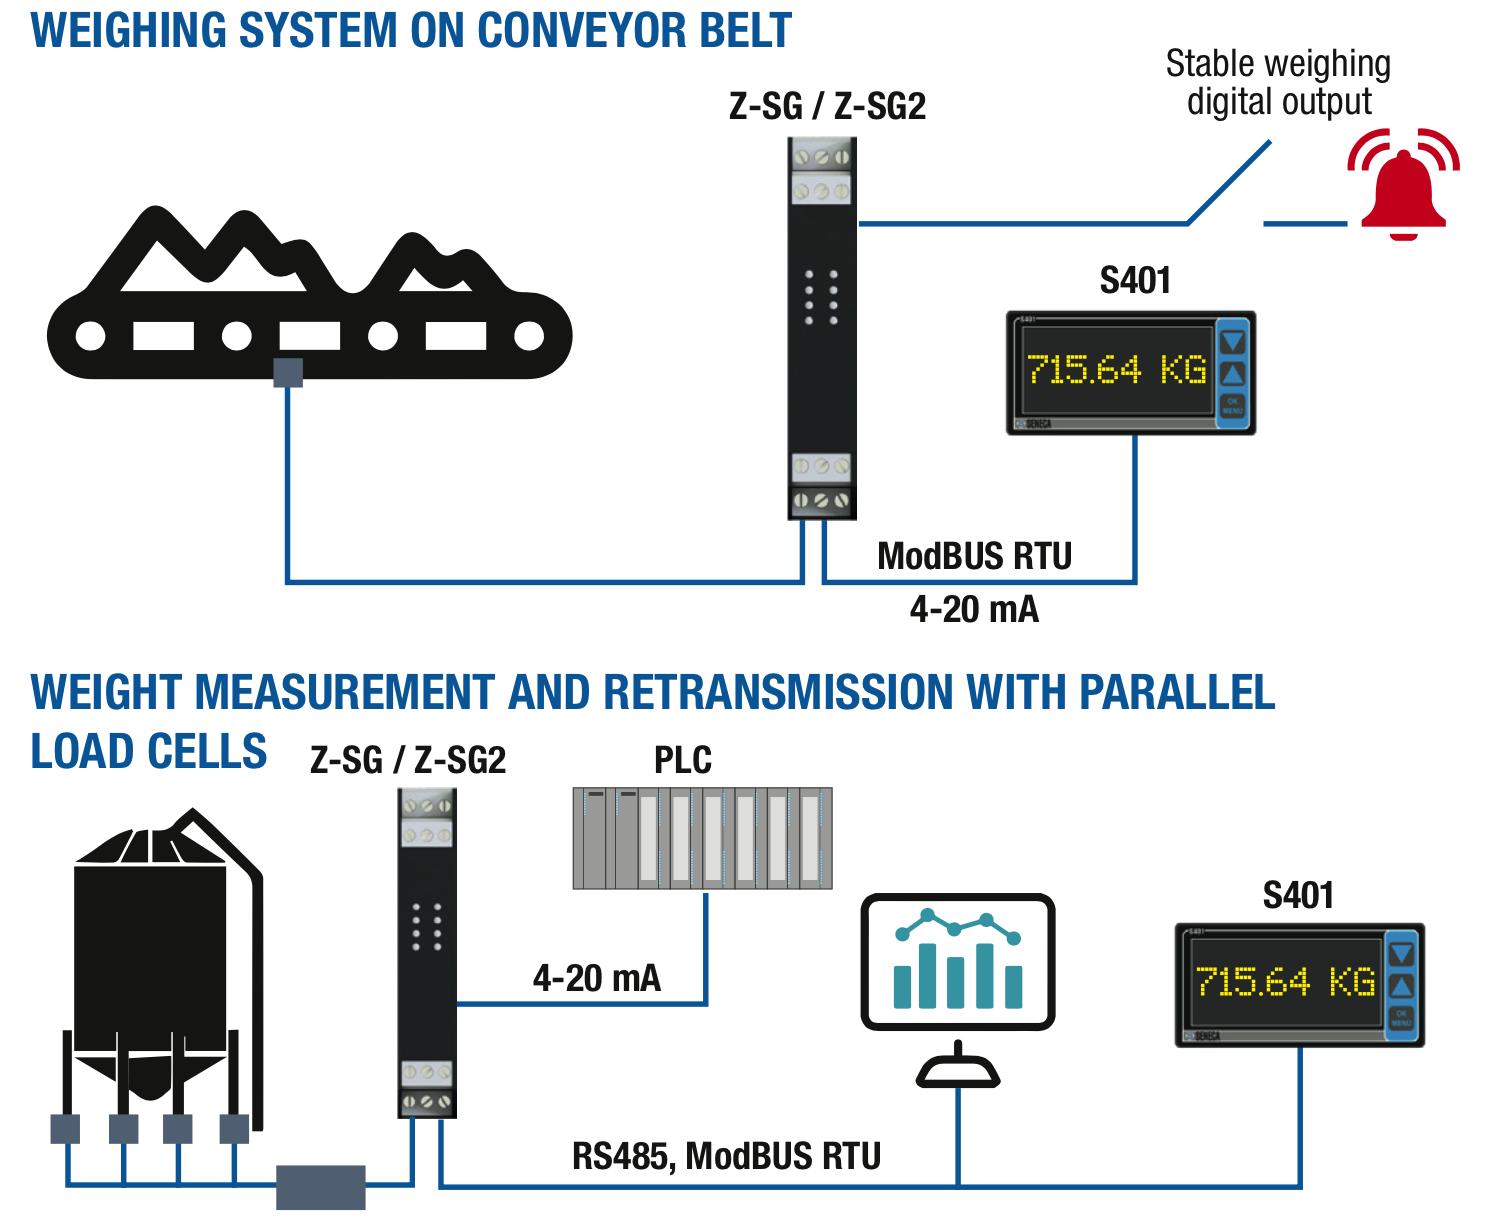 Ứng dụng bộ chuyển đổi loadcell truyền thông Modbus RTU